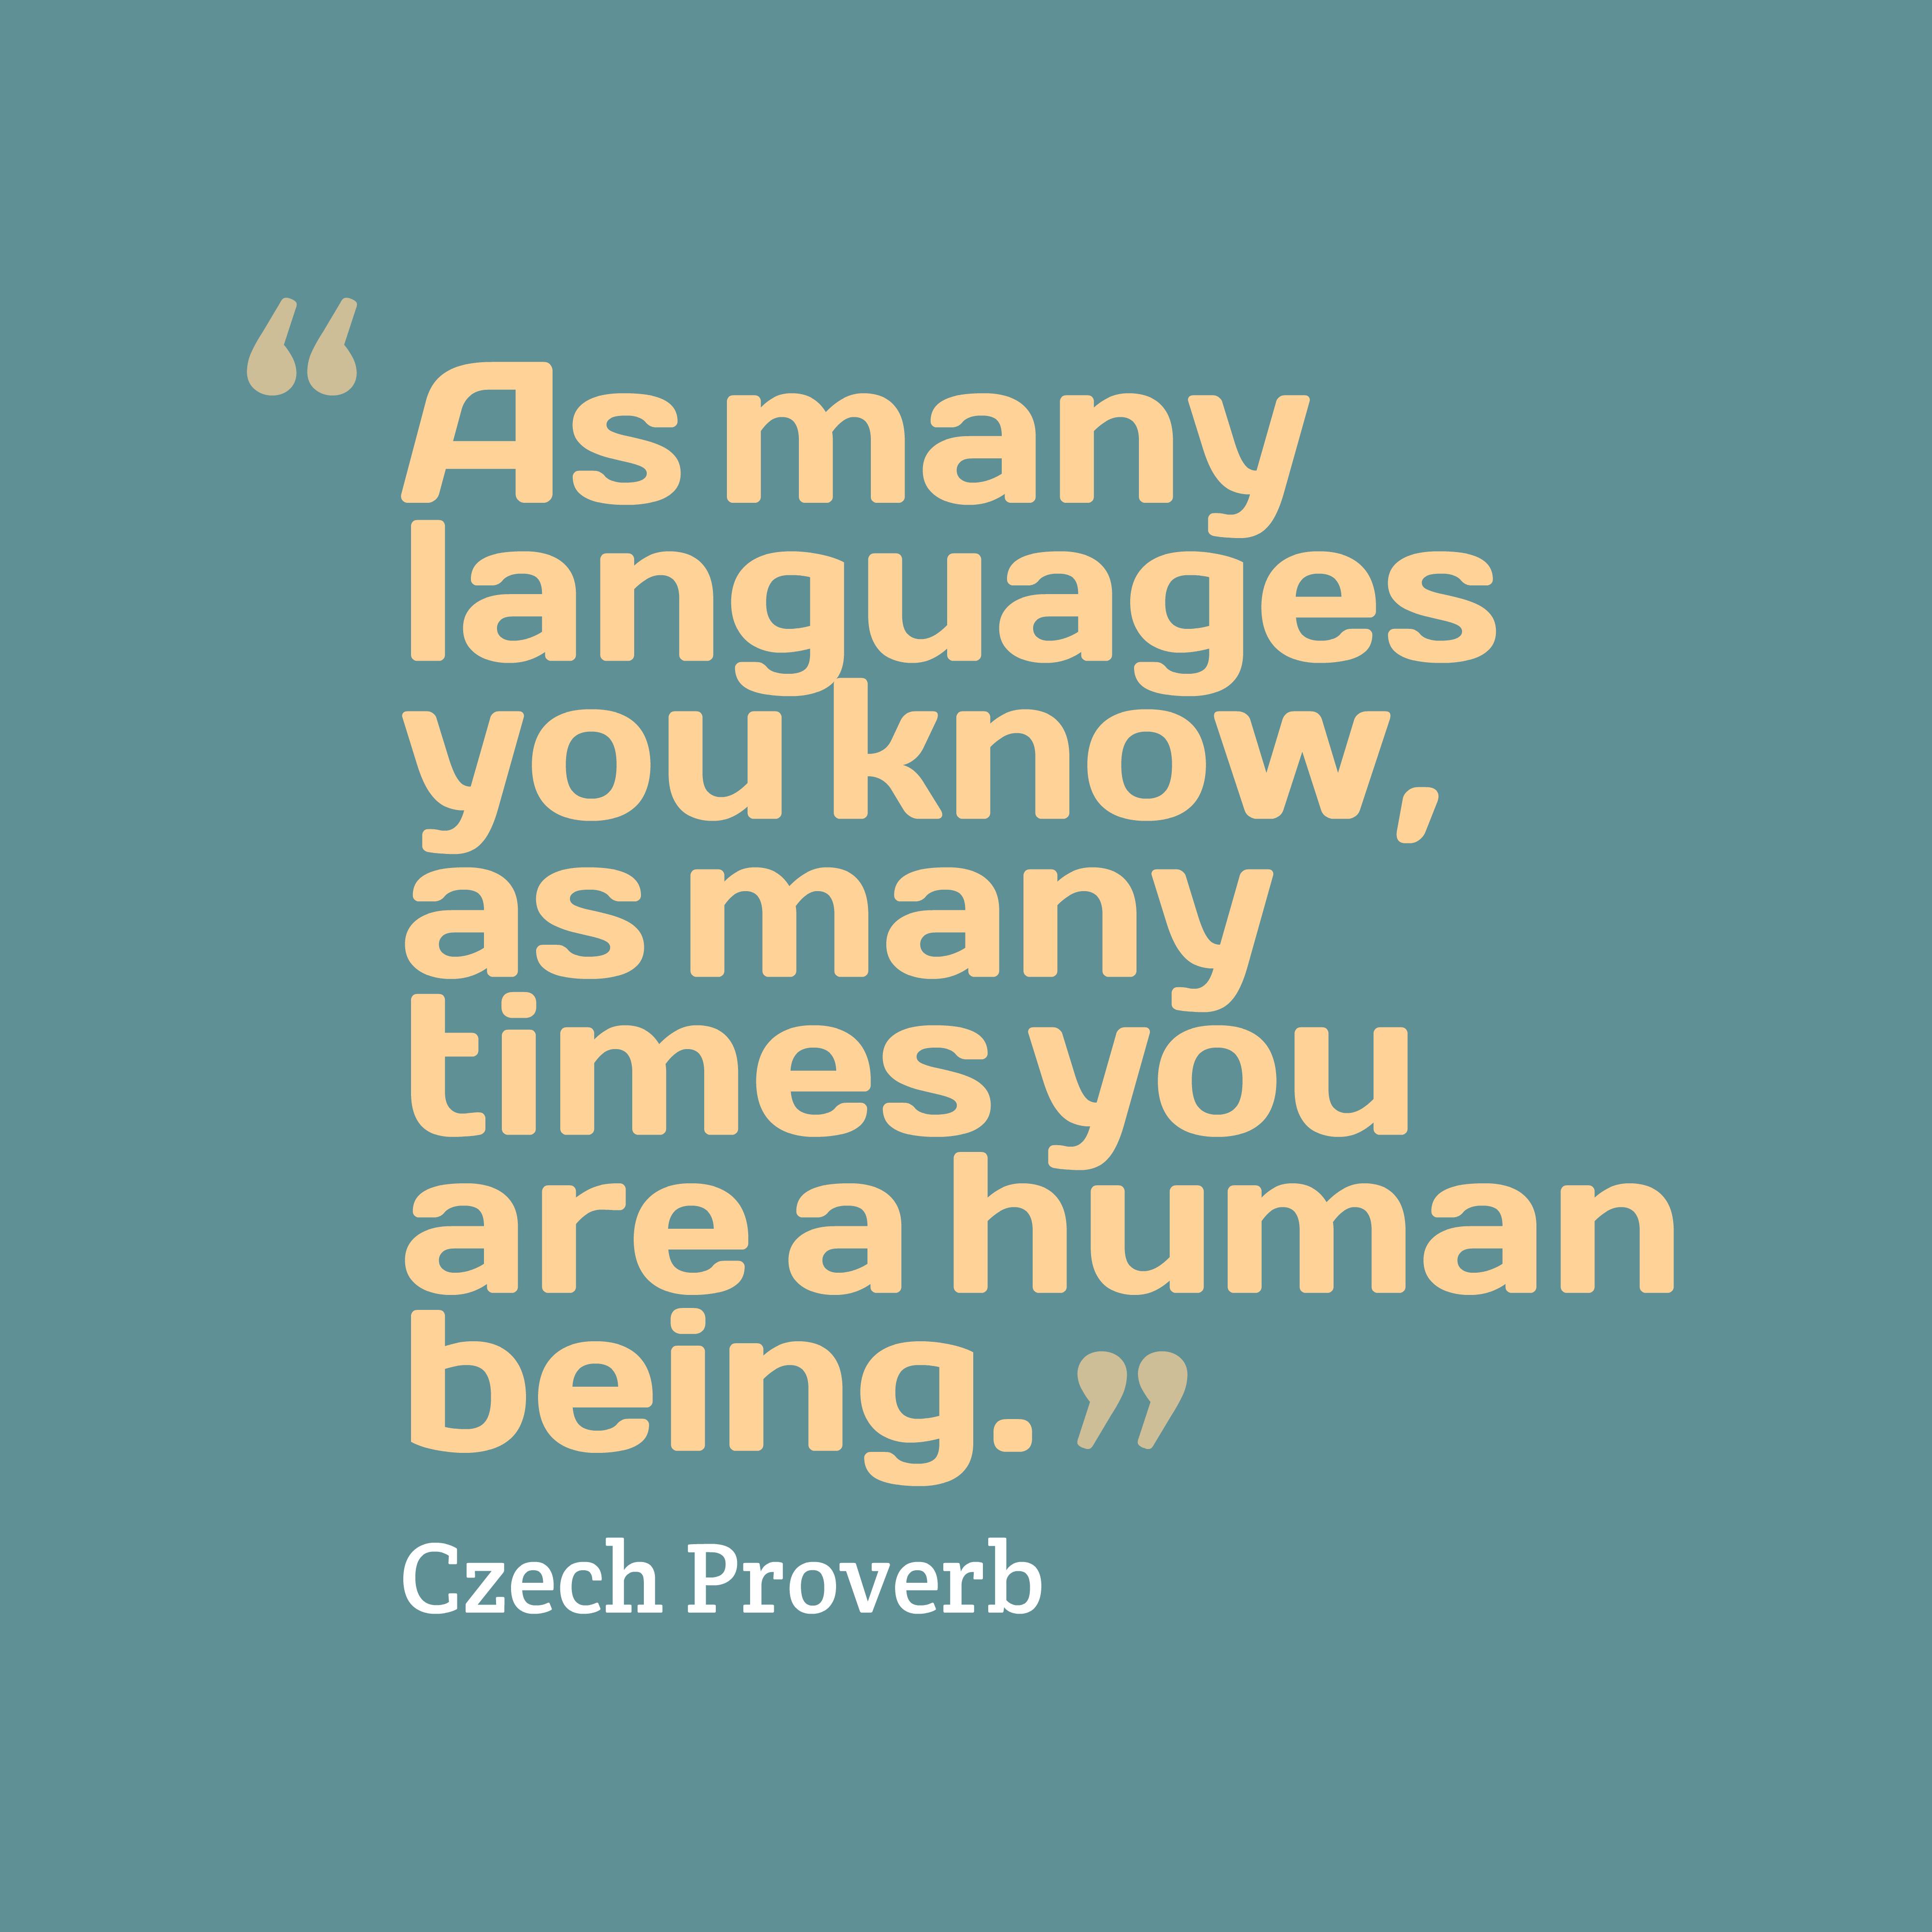 Czech Wisdom About Languages